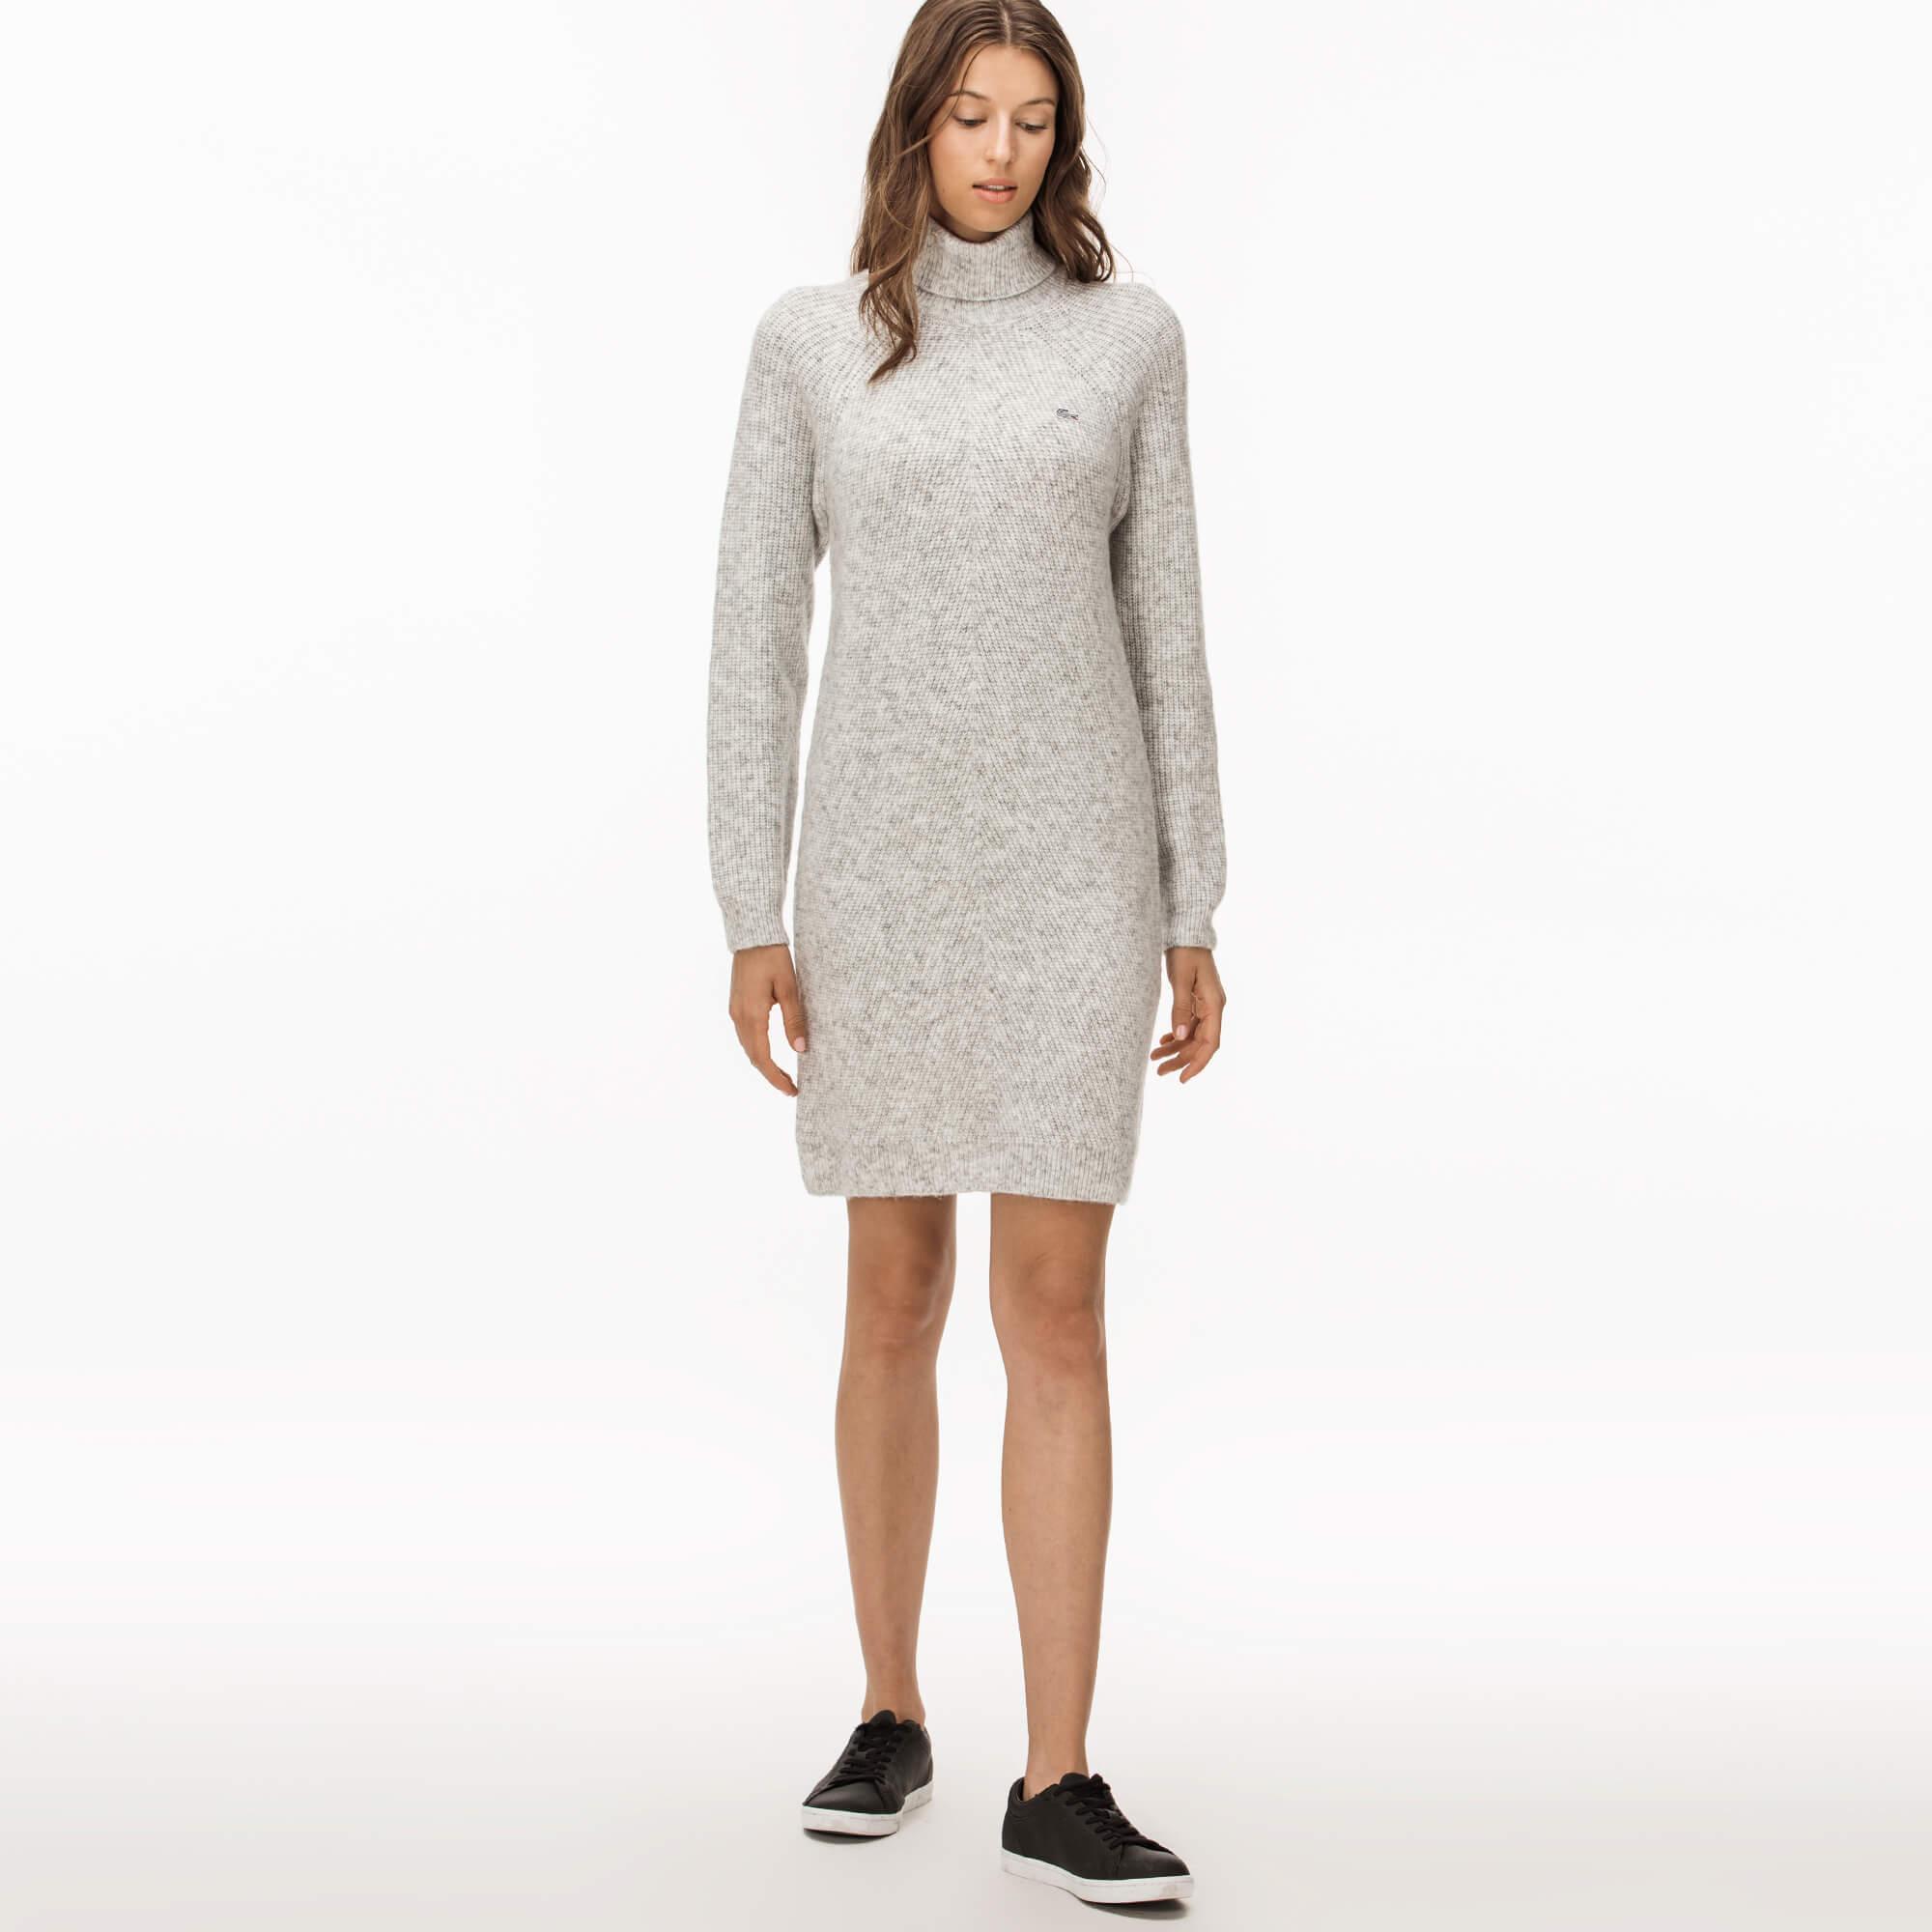 Купить Платье Lacoste, серый, EF1907